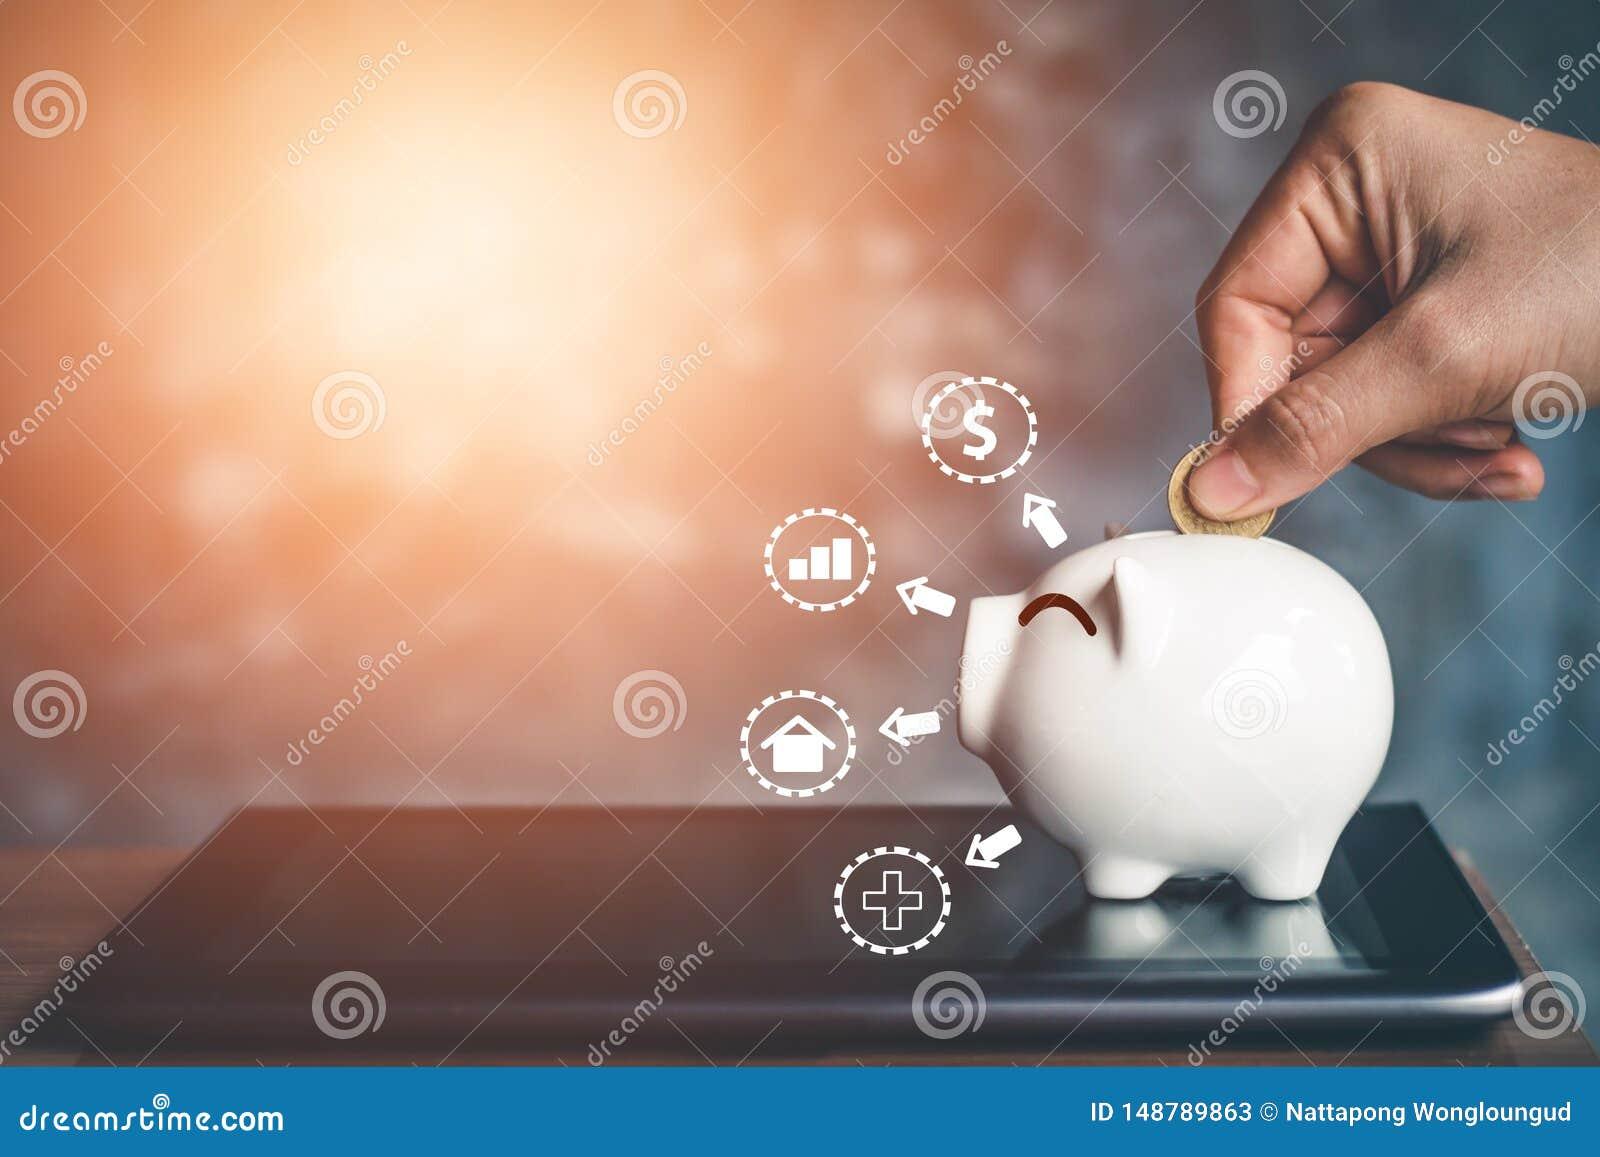 与攒钱的存钱罐硬币,计划存金钱以后使用